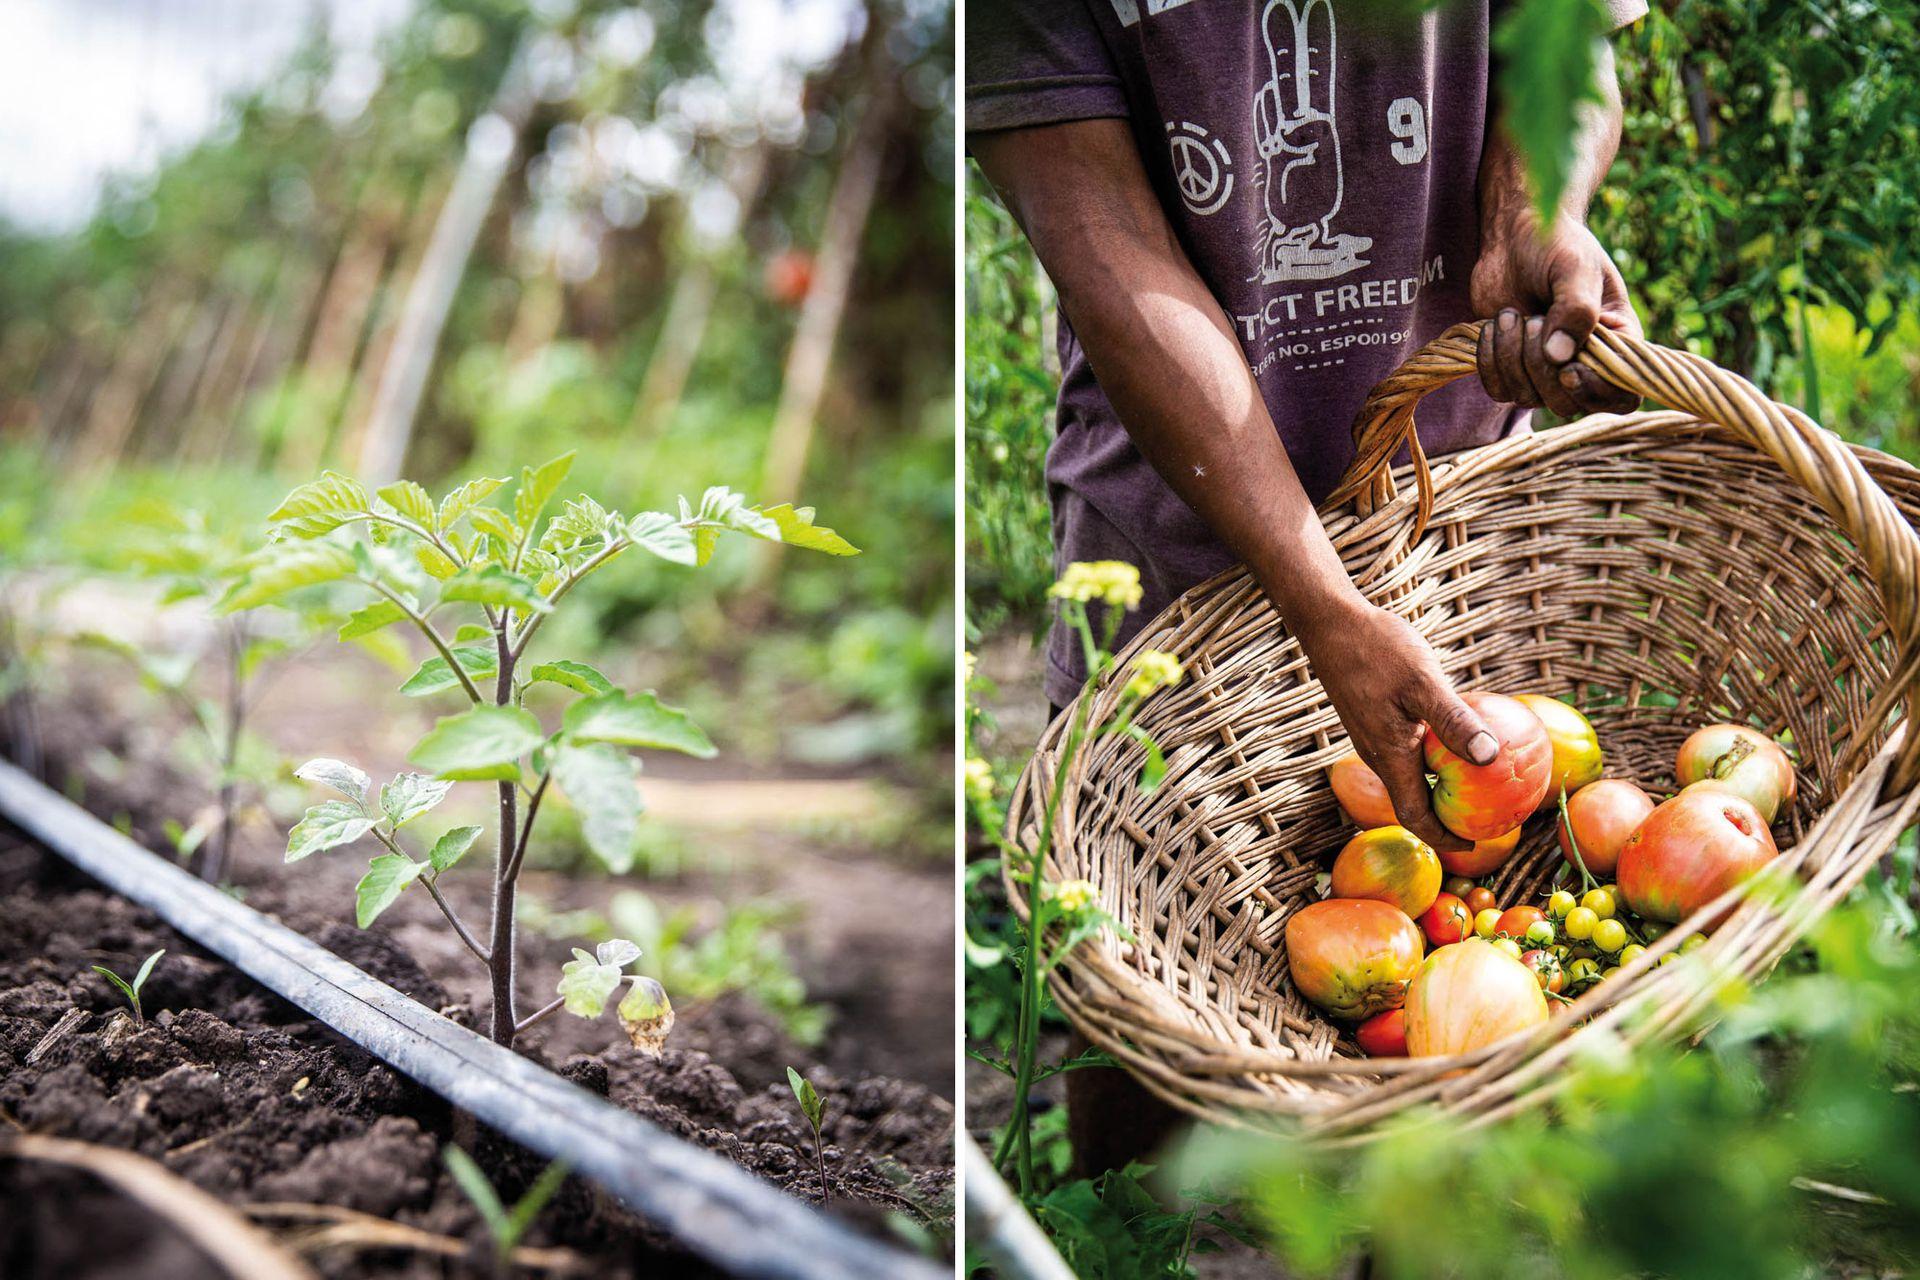 """Los tomates pierden su aroma cuando se refrigeran, por lo que es mejor almacenarlos a temperatura ambiente y protegidos de la luz. A los de variedades """"en rama"""" es preferible no arrancarles el tallito hasta el momento de utilizarlos, porque así conservan mejor su fragancia."""